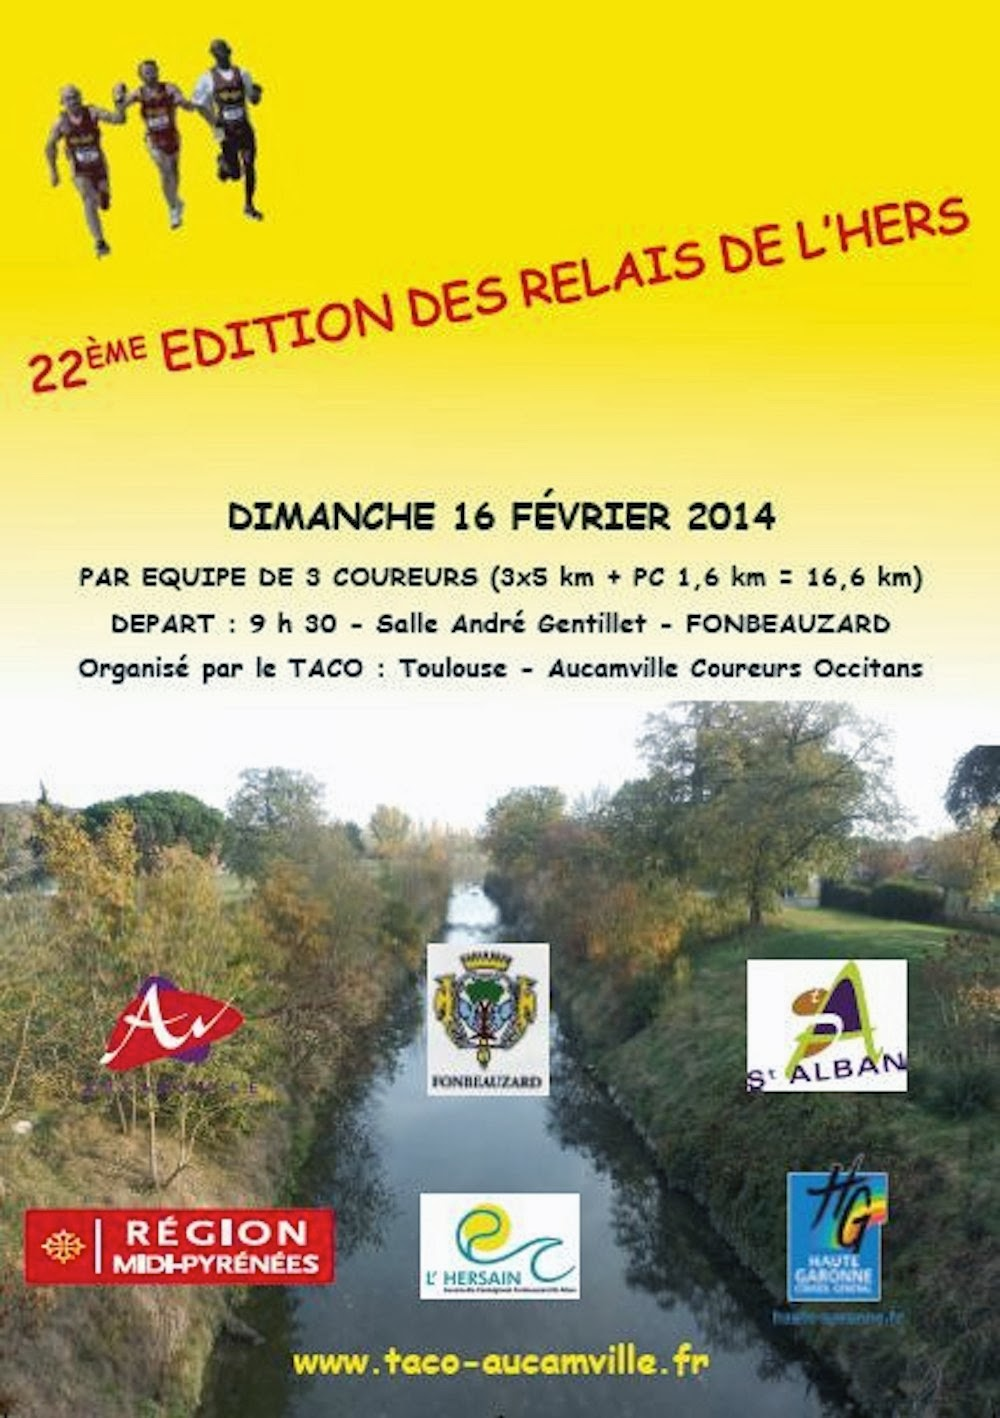 http://www.taco-aucamville.fr/relais_de_l_hers/relais_de_l_hers_2014.html